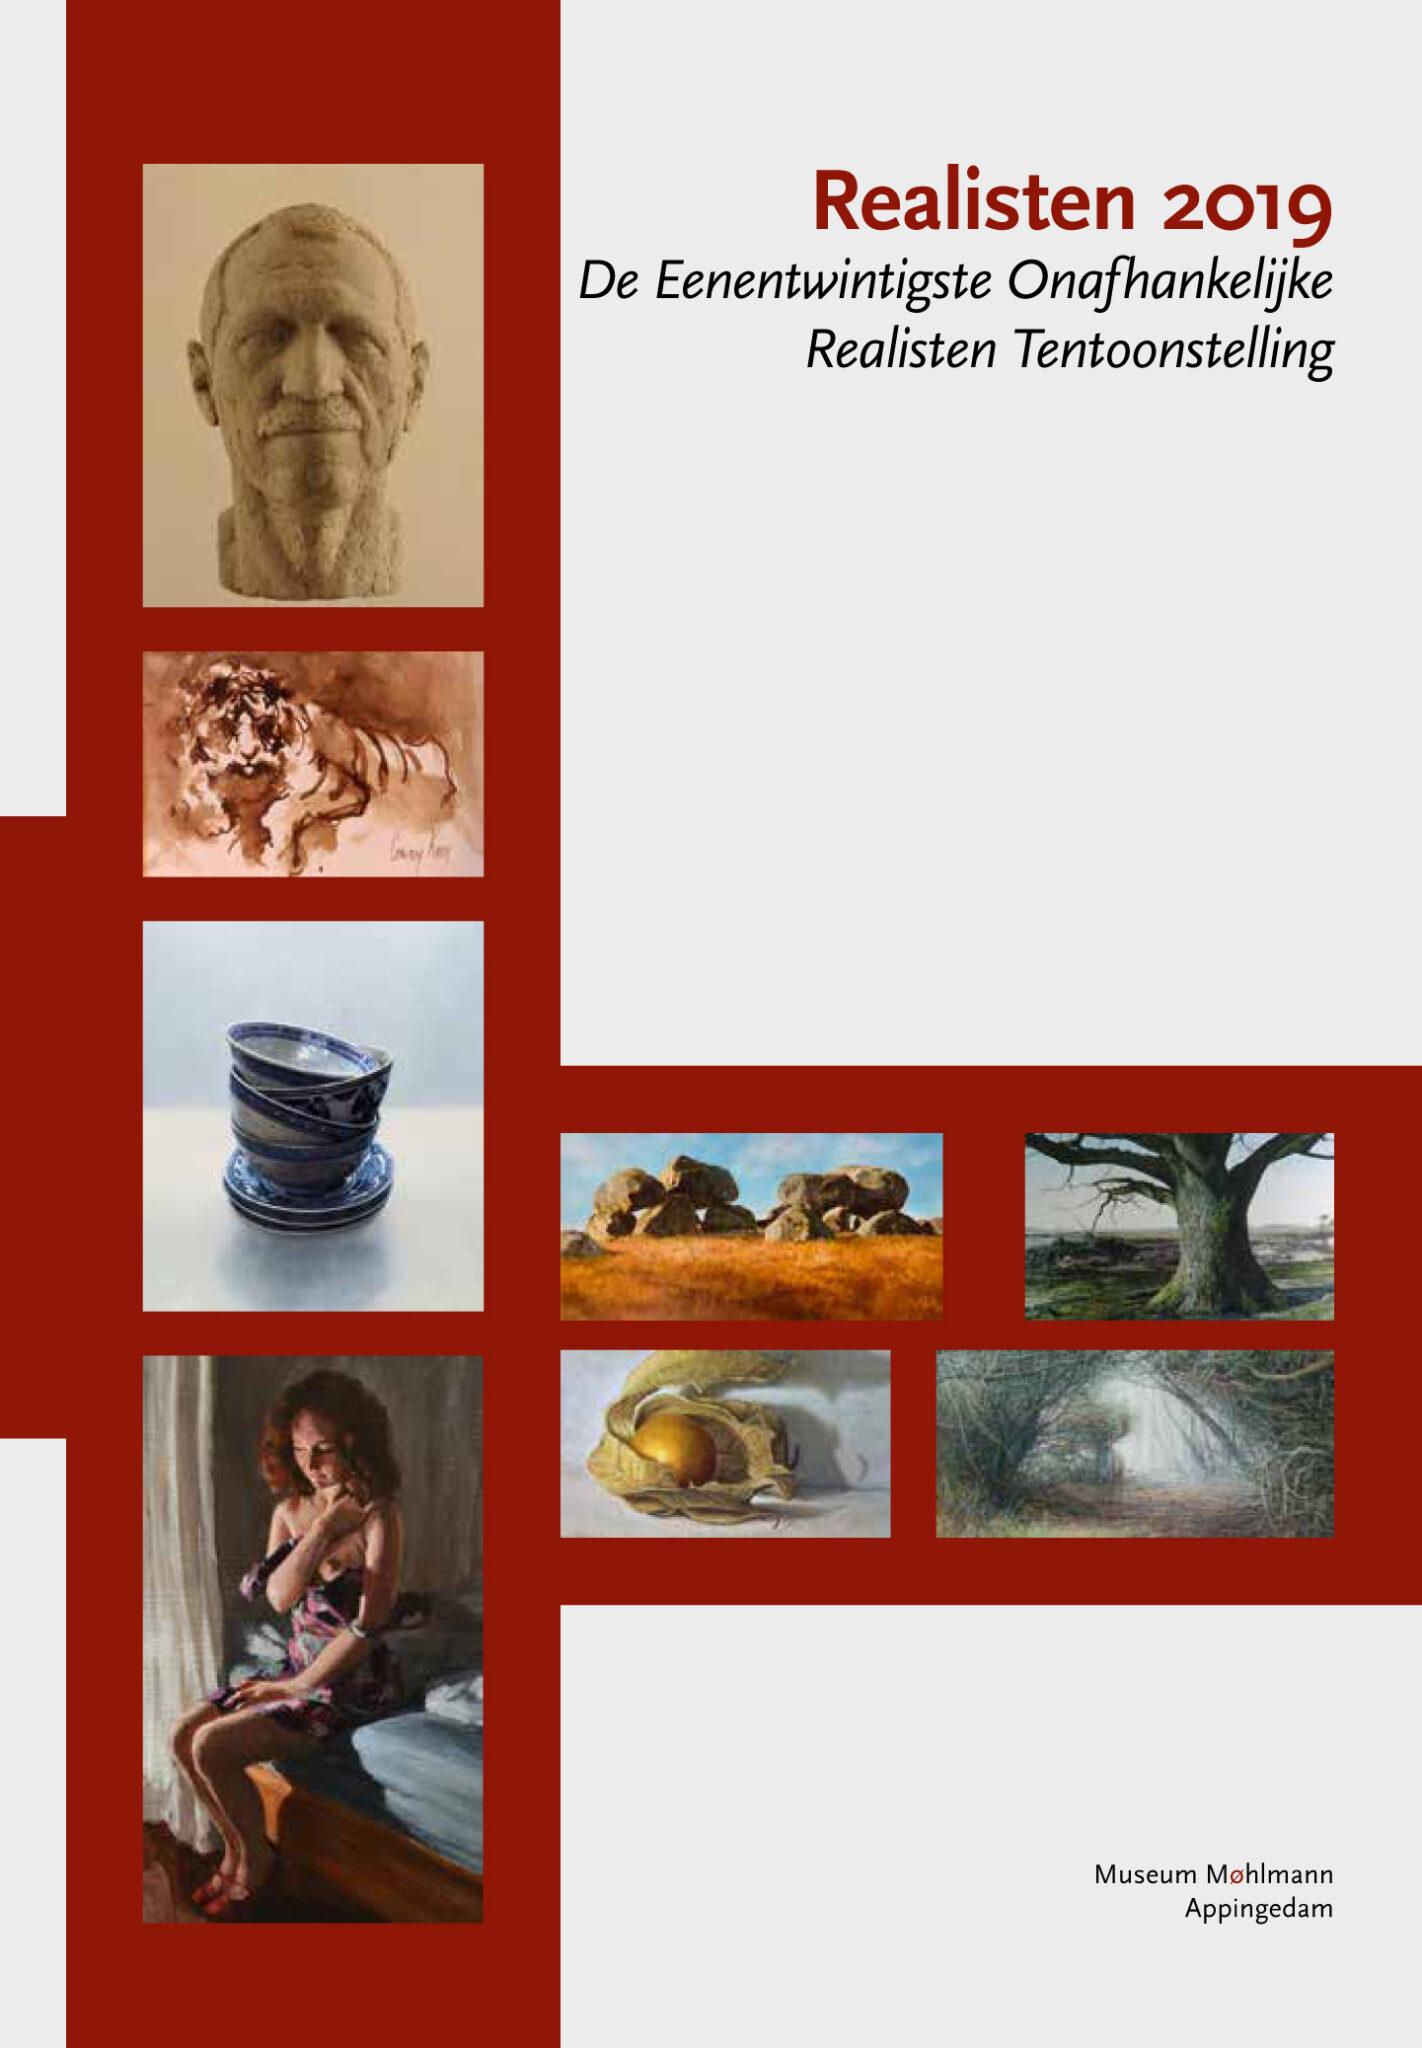 21e Onafhankelijke realisten Tentoonstelling